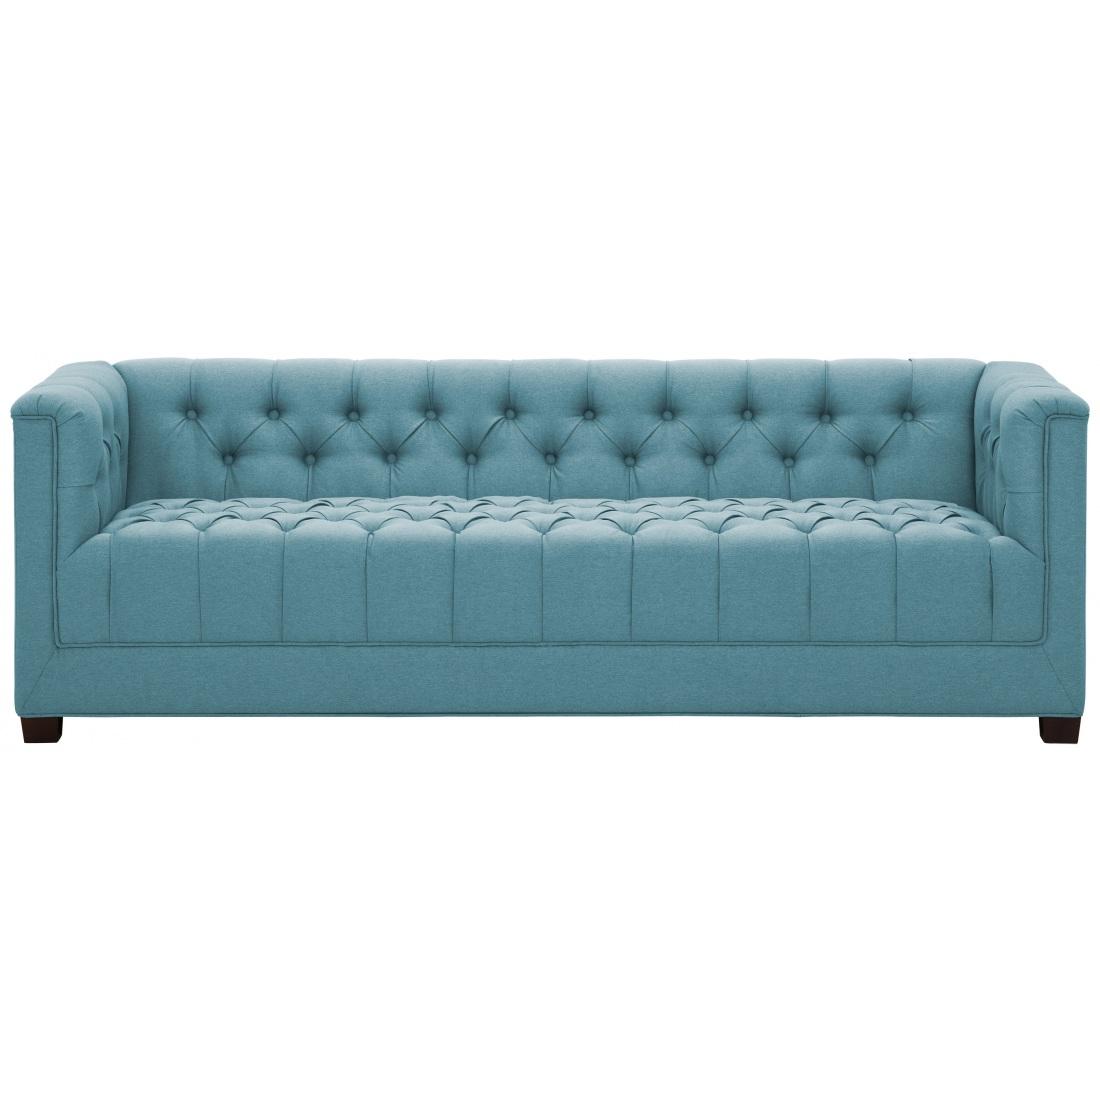 Unglaublich Couch Hellblau Das Beste Von 3-sitzer Sofa Designer Sofa